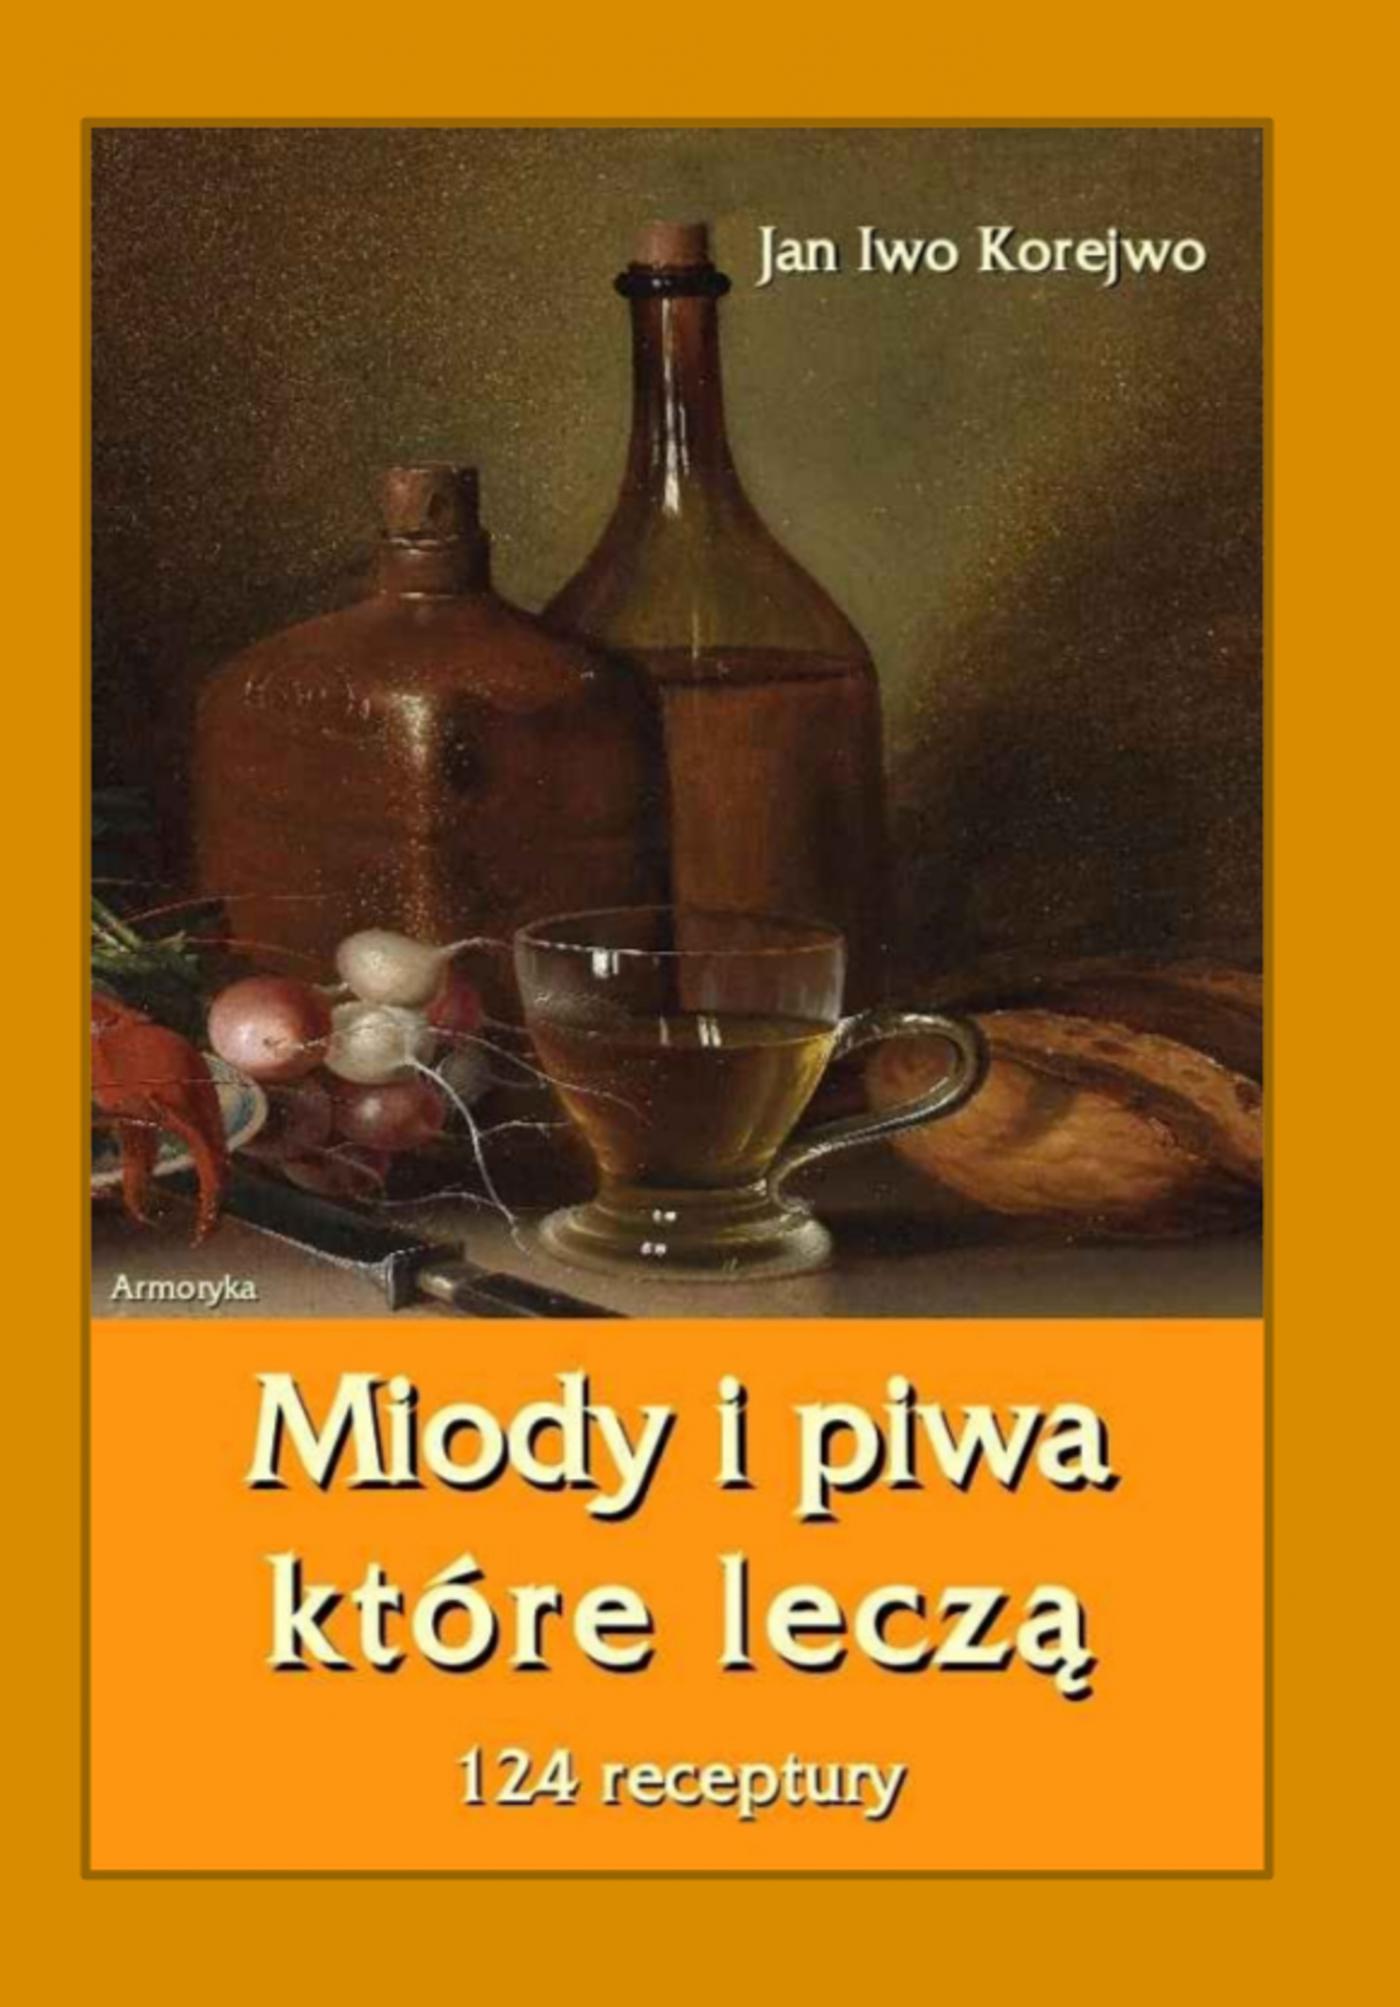 Miody i piwa, które leczą. 124 receptury - Ebook (Książka EPUB) do pobrania w formacie EPUB